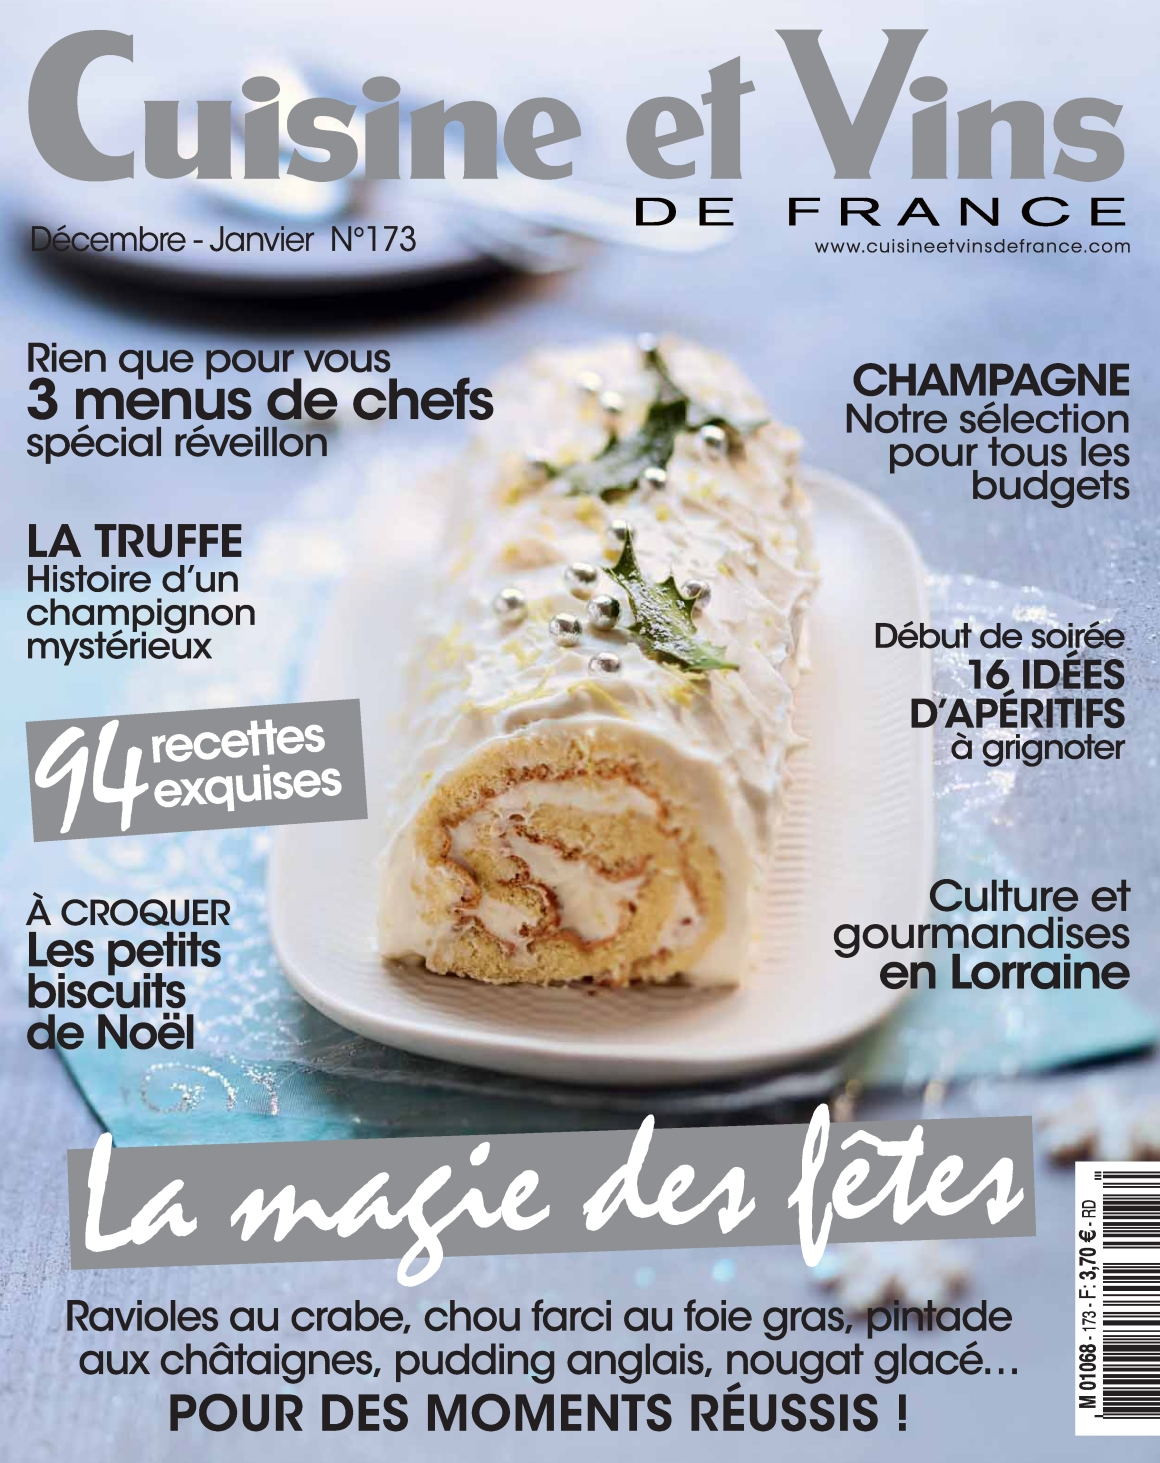 Cuisine et Vins de France 173 - Décembre 2016/Janvier 2017